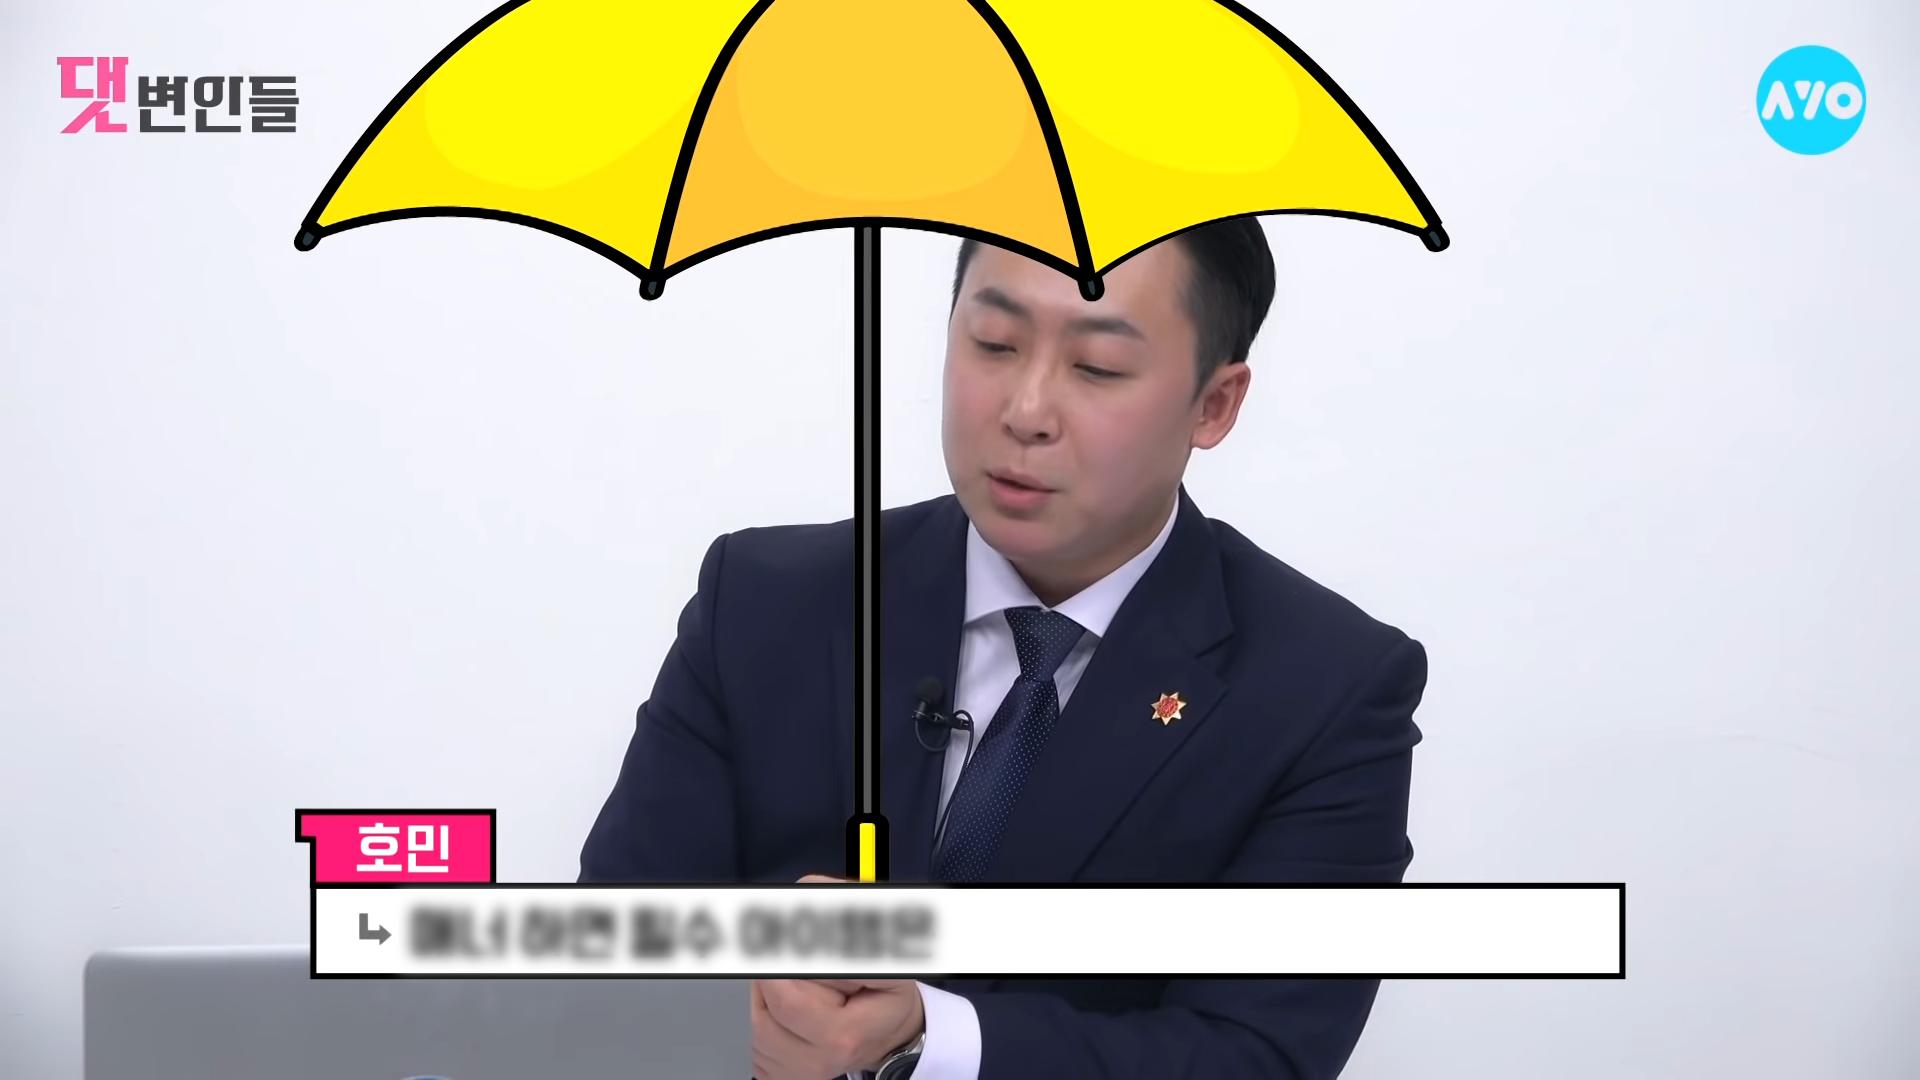 guardumbrellas_2